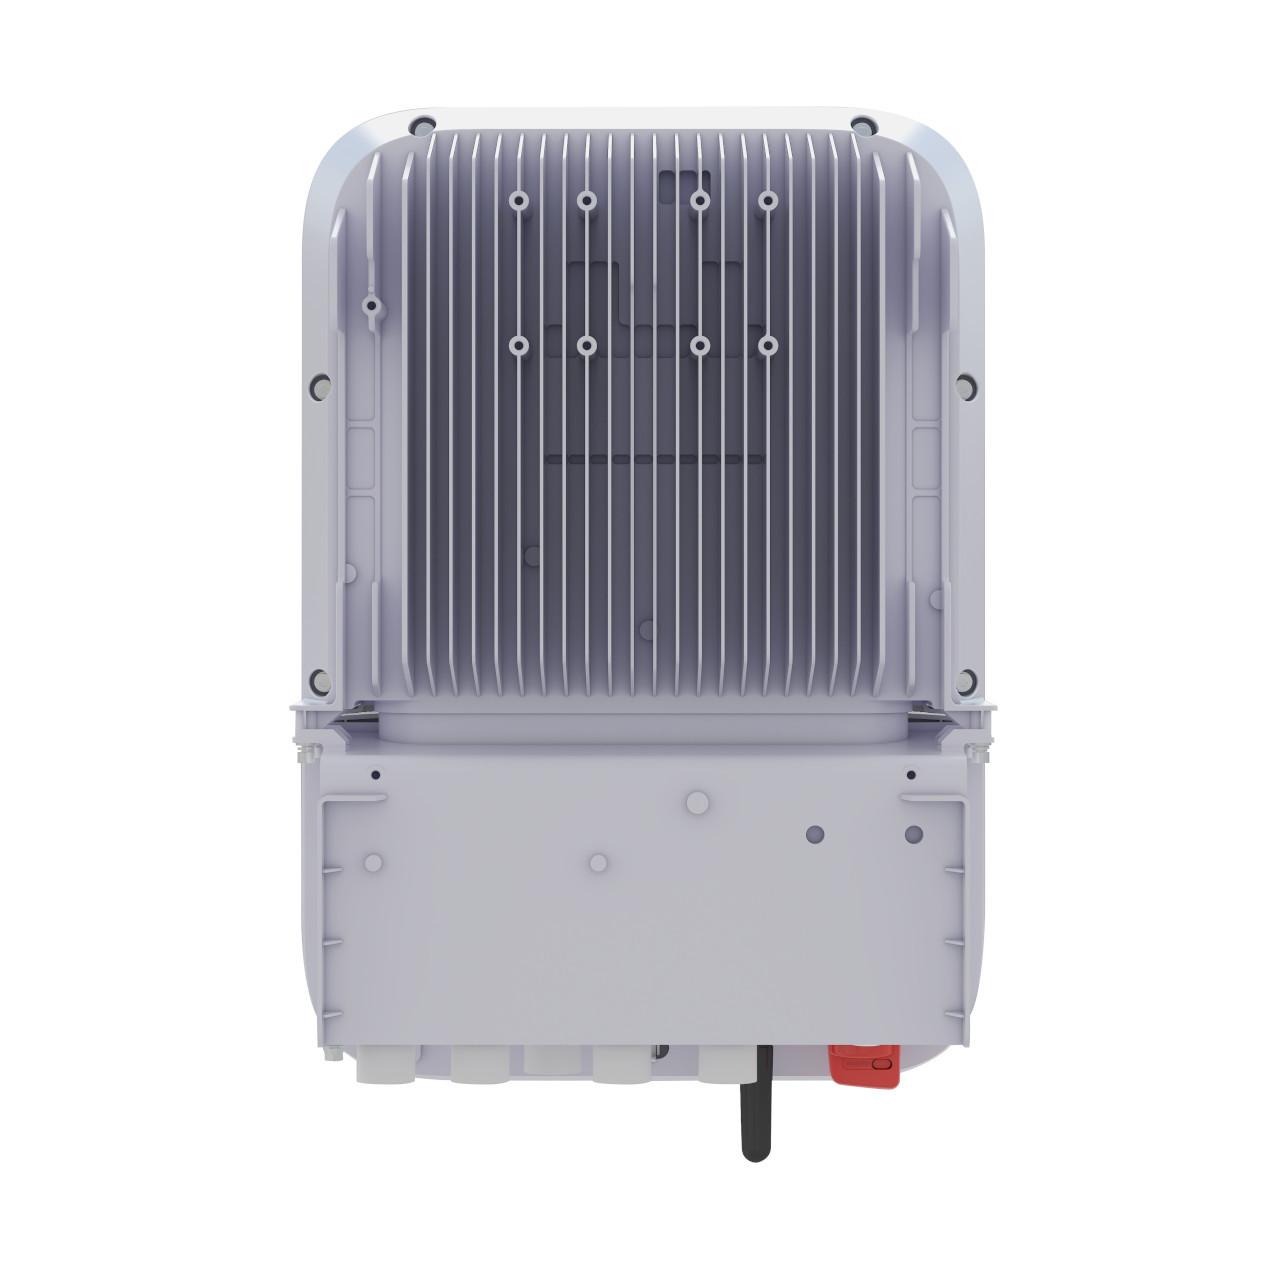 Huawei - 11.4KTL-USL0-WIFI-Back